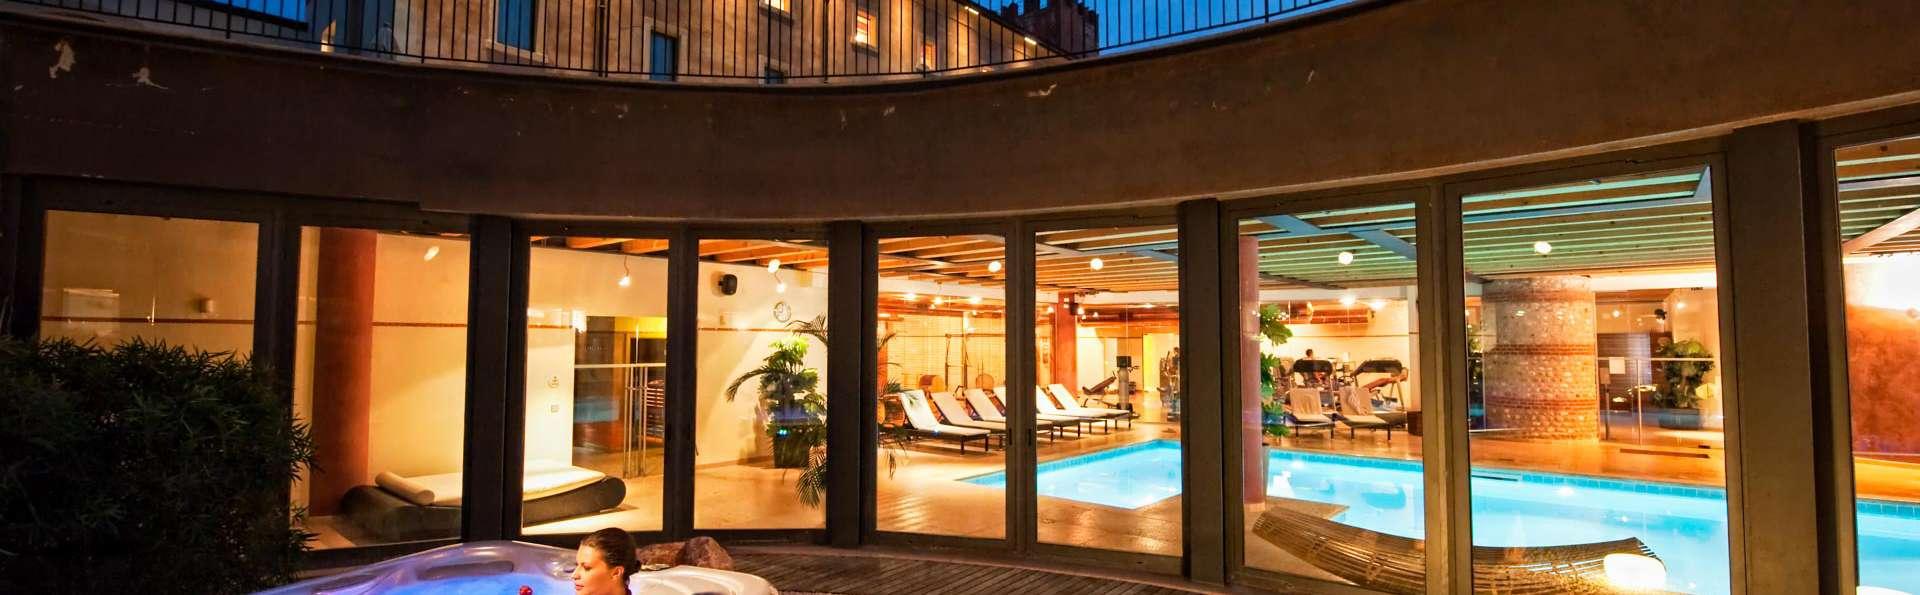 Séjour de découverte gastronomique aux portes de Vérone avec accès au spa